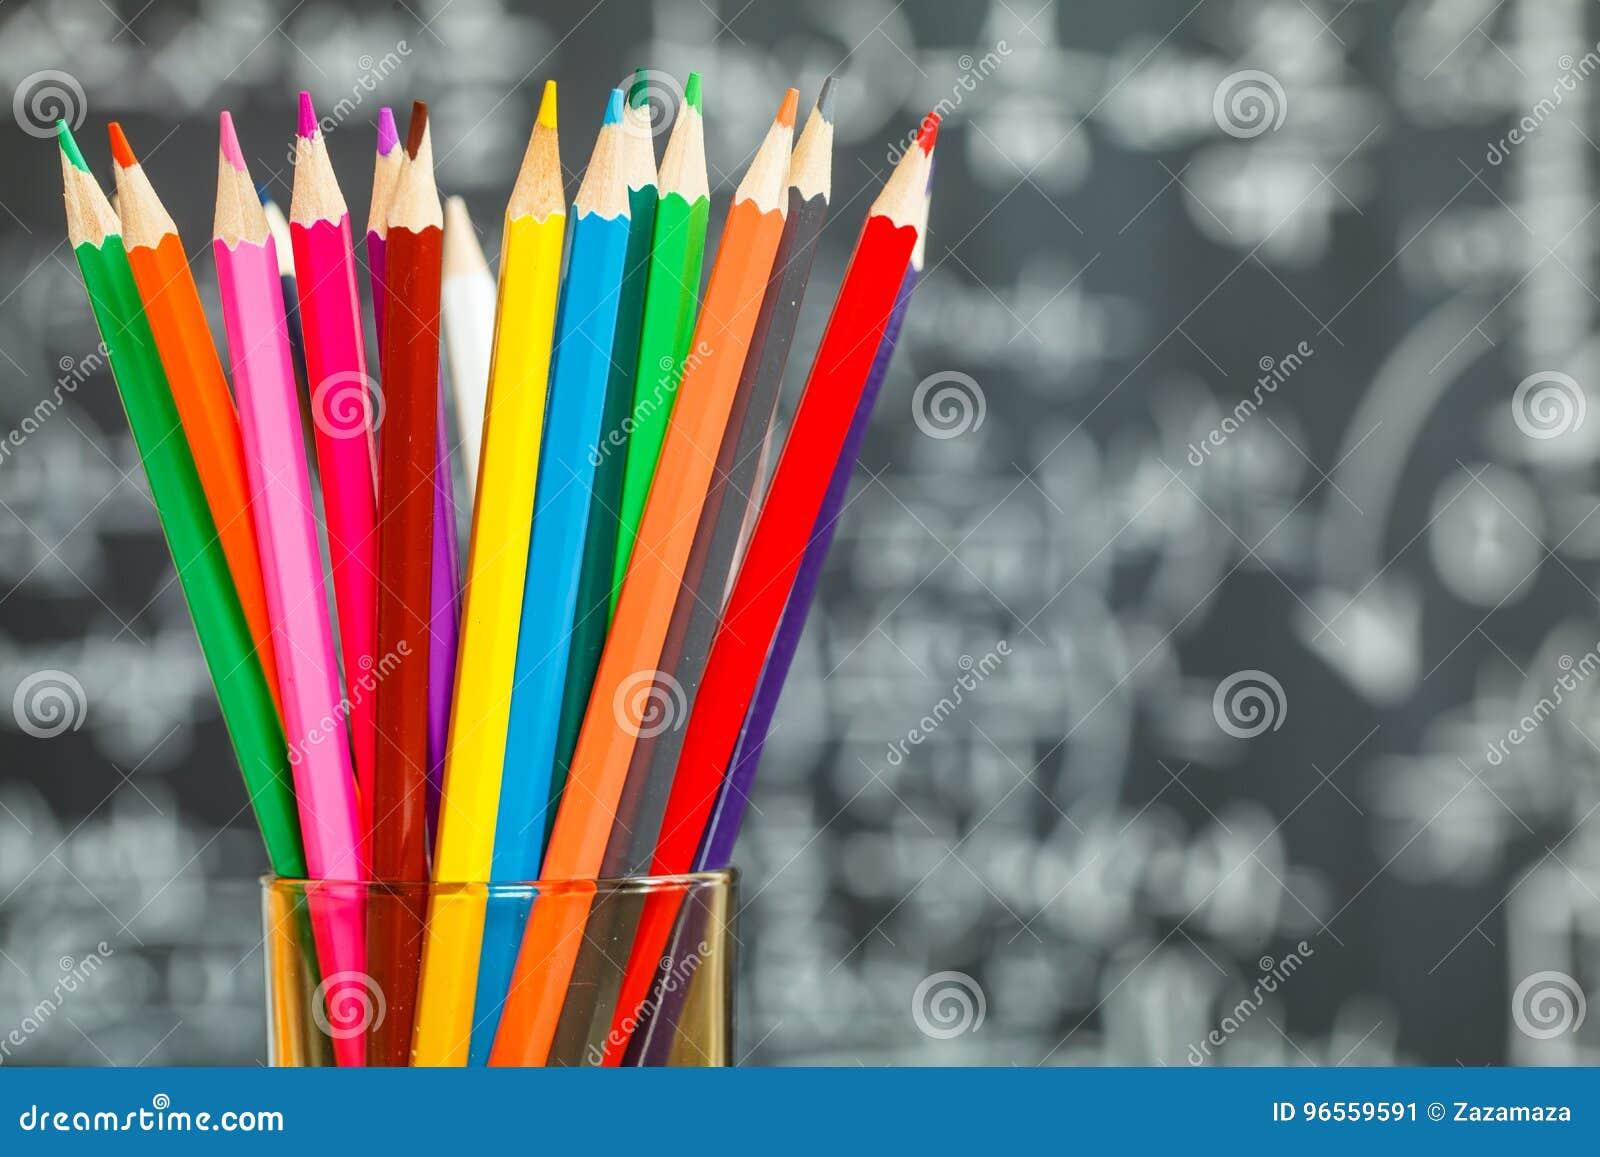 Dra tillbaka till skolabakgrund med färgrika filtpennor och suddiga matematikformler som är skriftliga vid vit krita på den svart